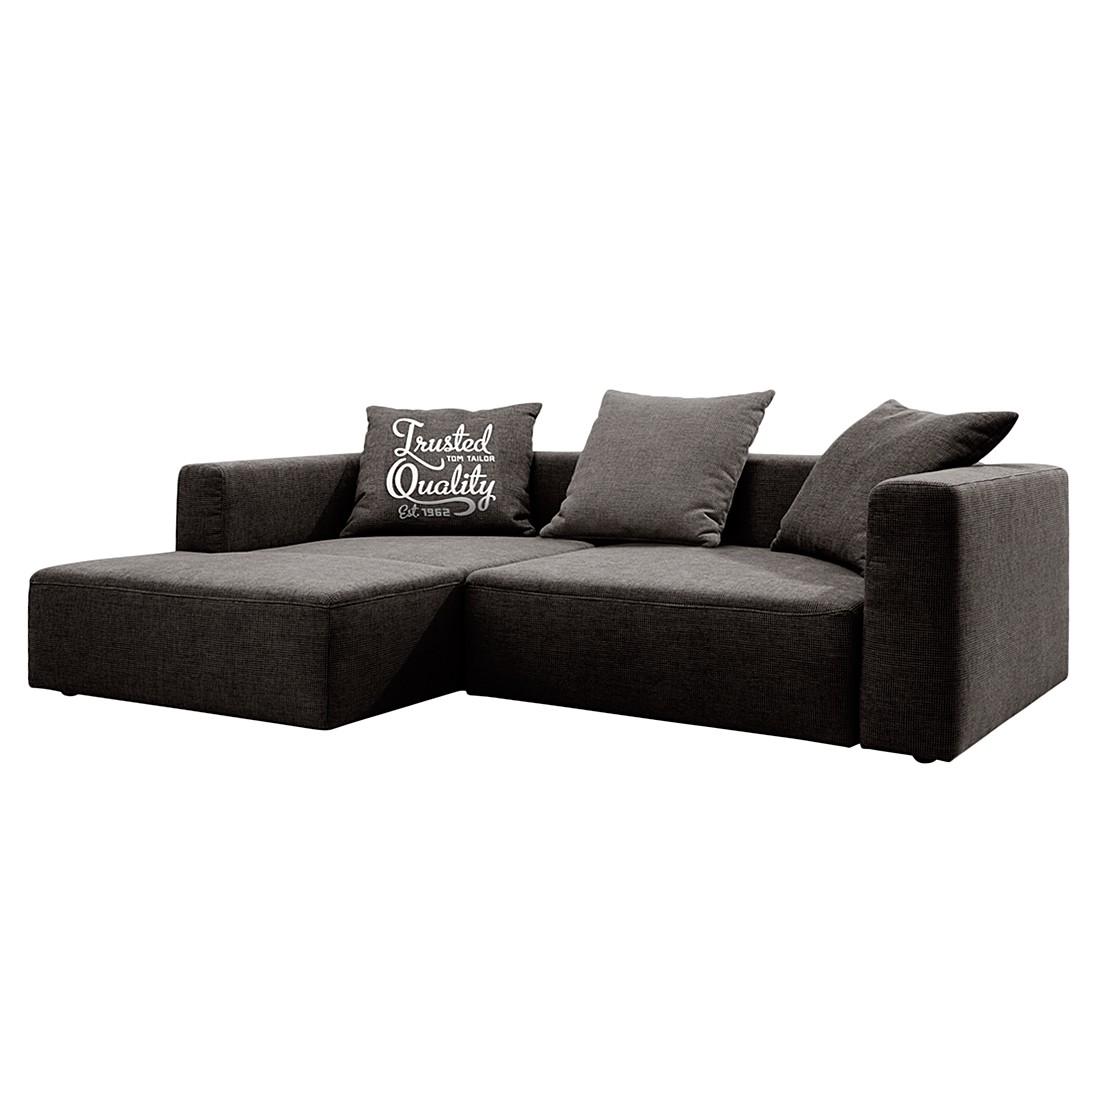 Ecksofa Heaven Casual – Webstoff Braun – Longchair davorstehend links – Ohne Schlaffunktion, Tom Tailor günstig online kaufen